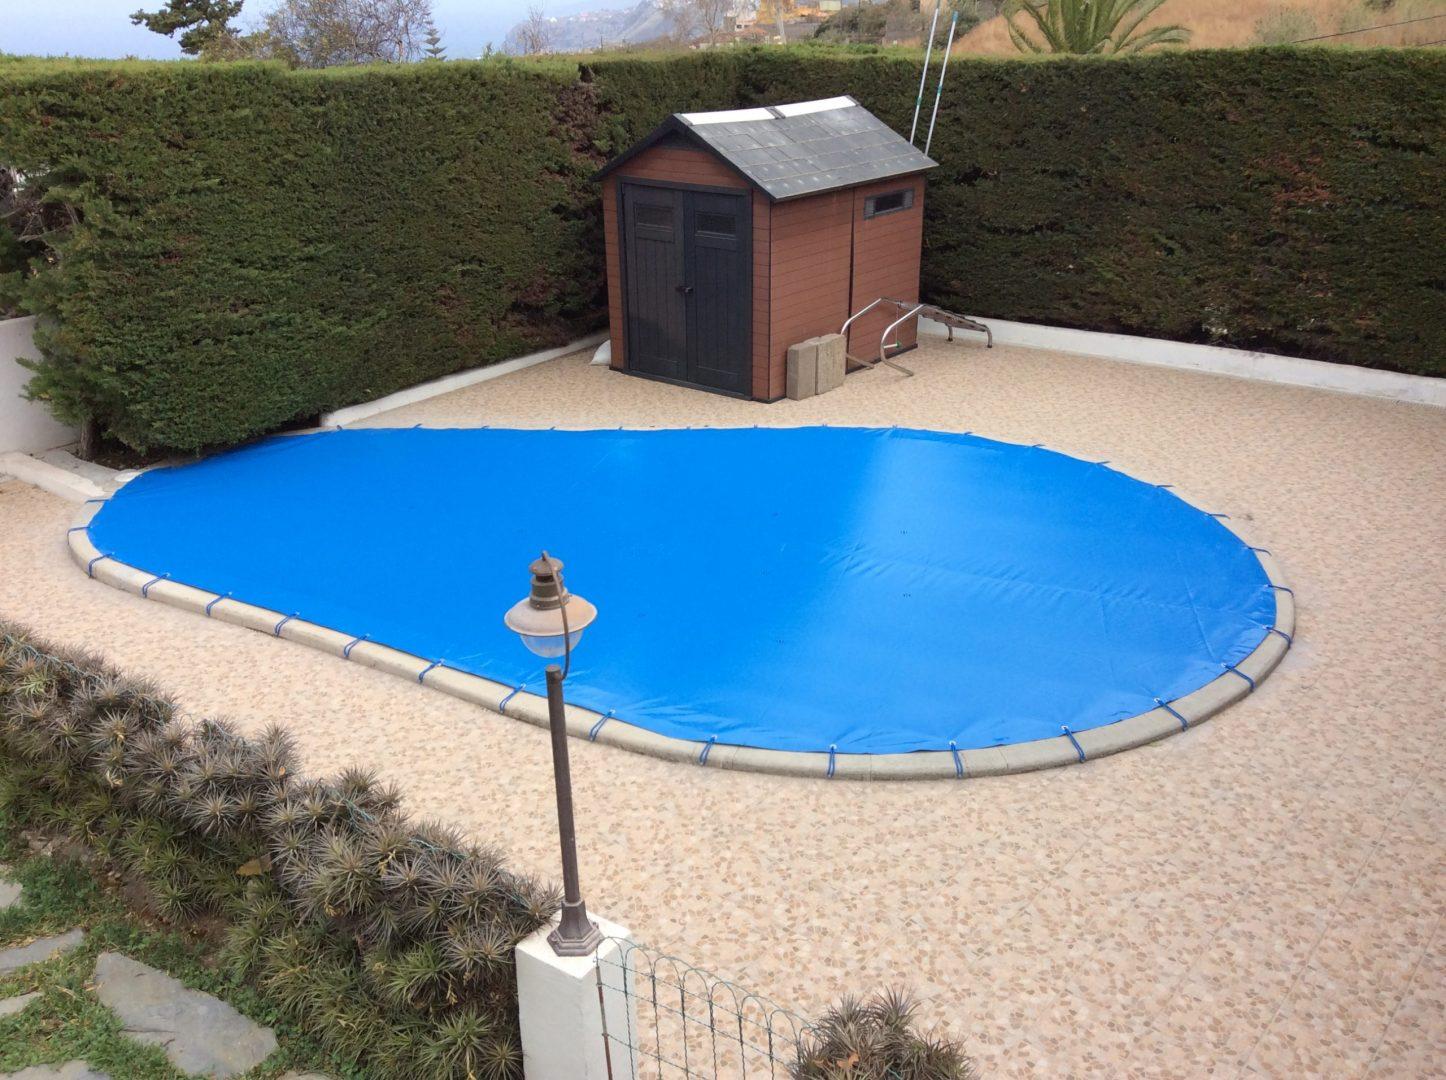 Lona piscina forma de riñón. ¿Cómo medirla?